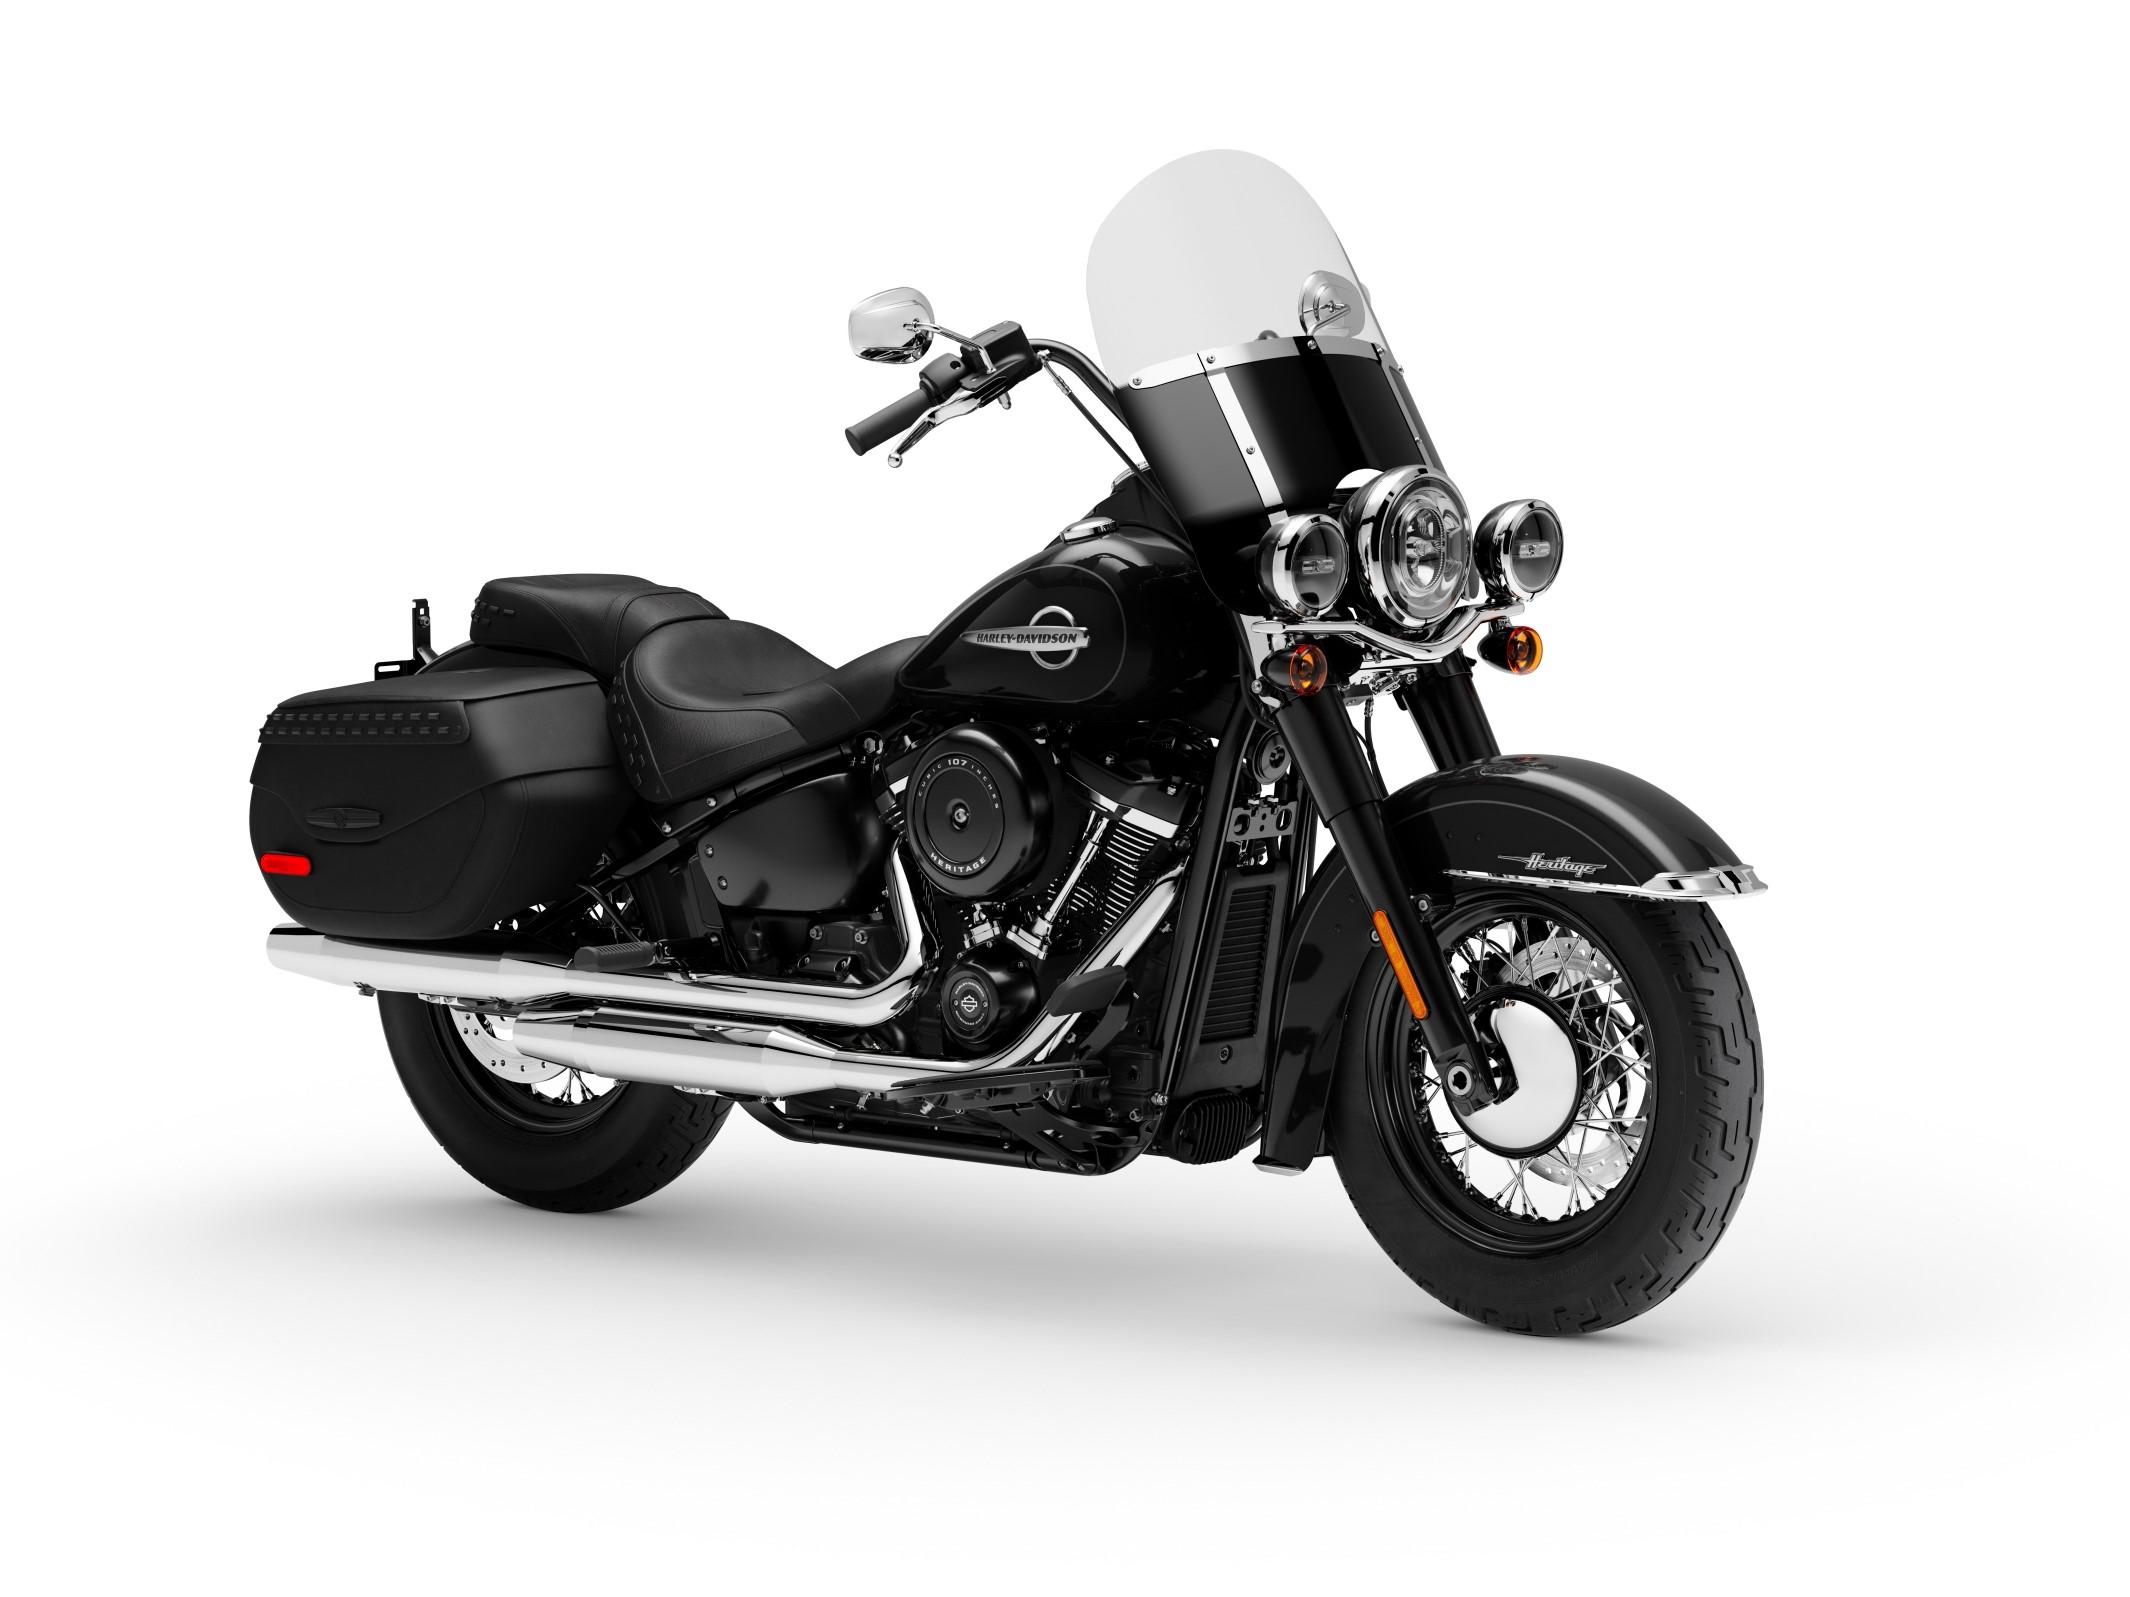 2019 Harley Davidson Parts Catalog Pdf | Reviewmotors.co